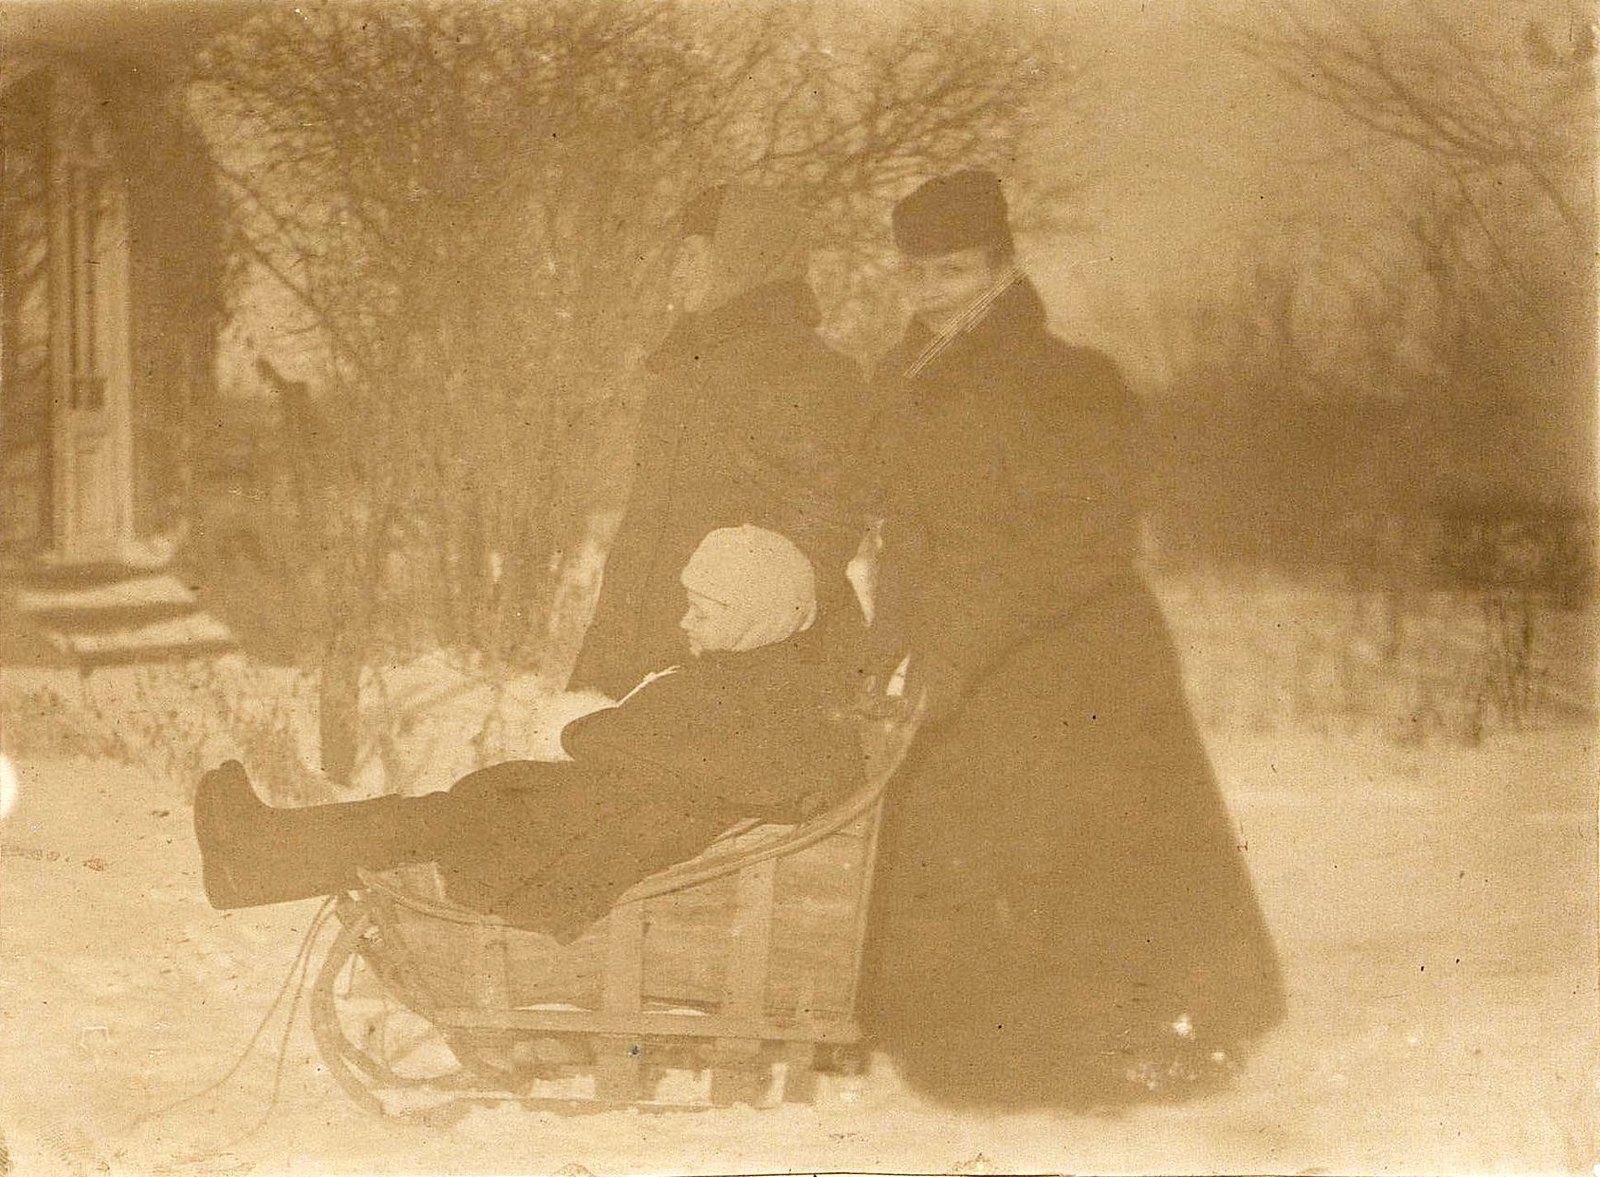 17. Савельева Наталья Алексеевна, жена управляющего заводом Завьялова. 1890-е